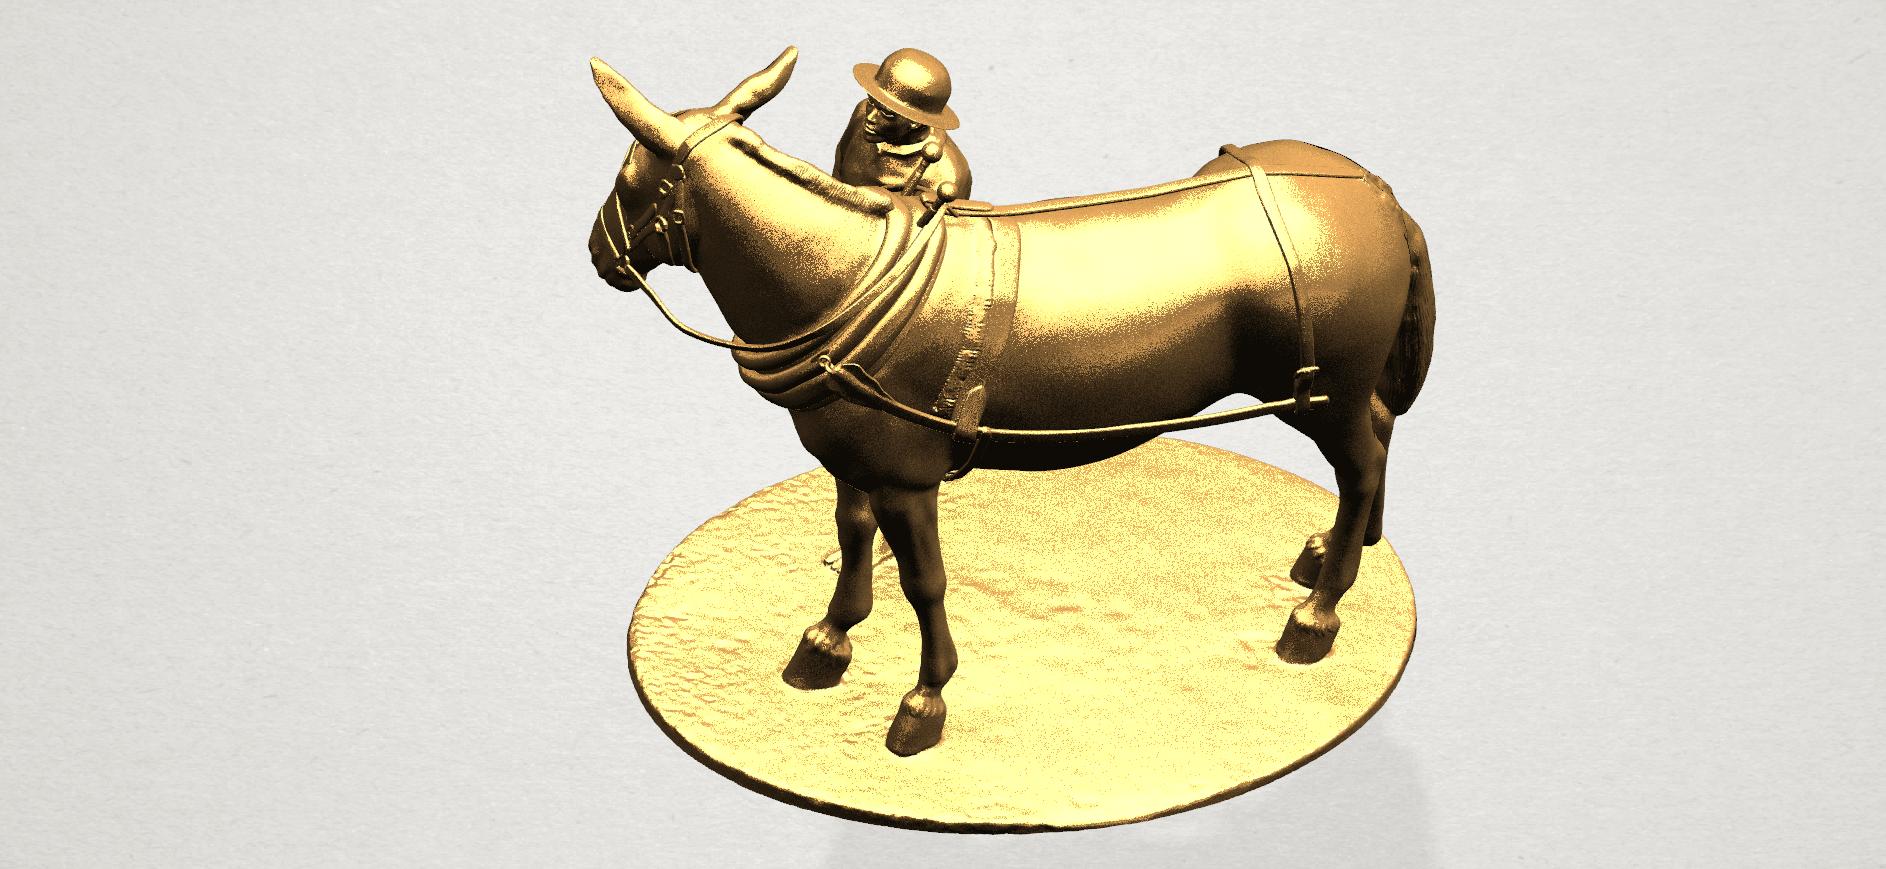 Horse with Man (i) - A12.png Télécharger fichier STL gratuit Cheval avec Man 01 • Objet à imprimer en 3D, GeorgesNikkei